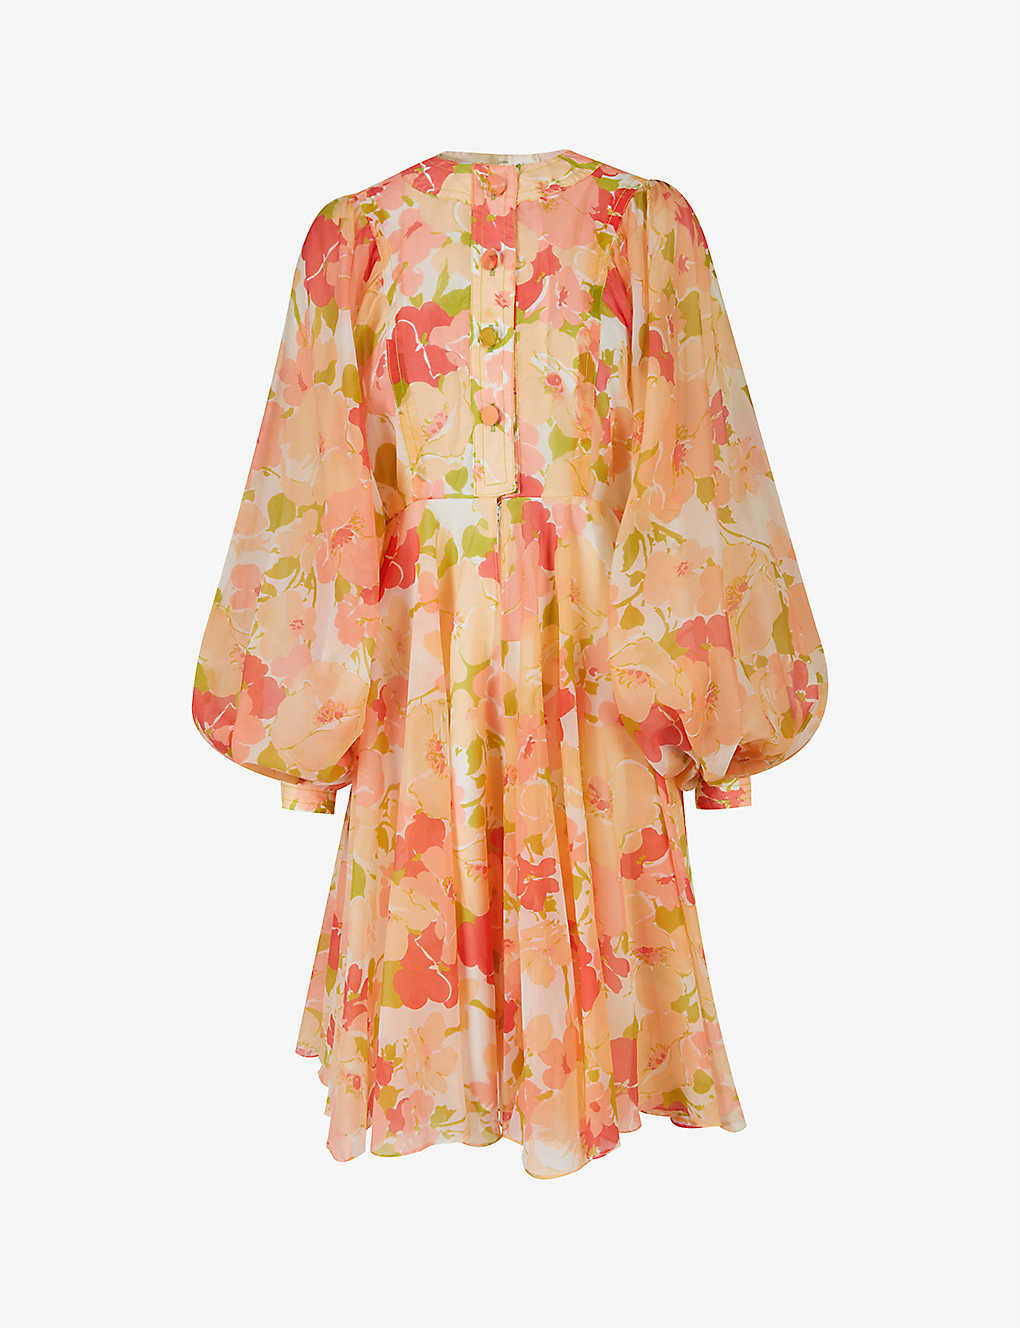 Pre-loved Jean Varon 1970s floral-print crepe midi dress